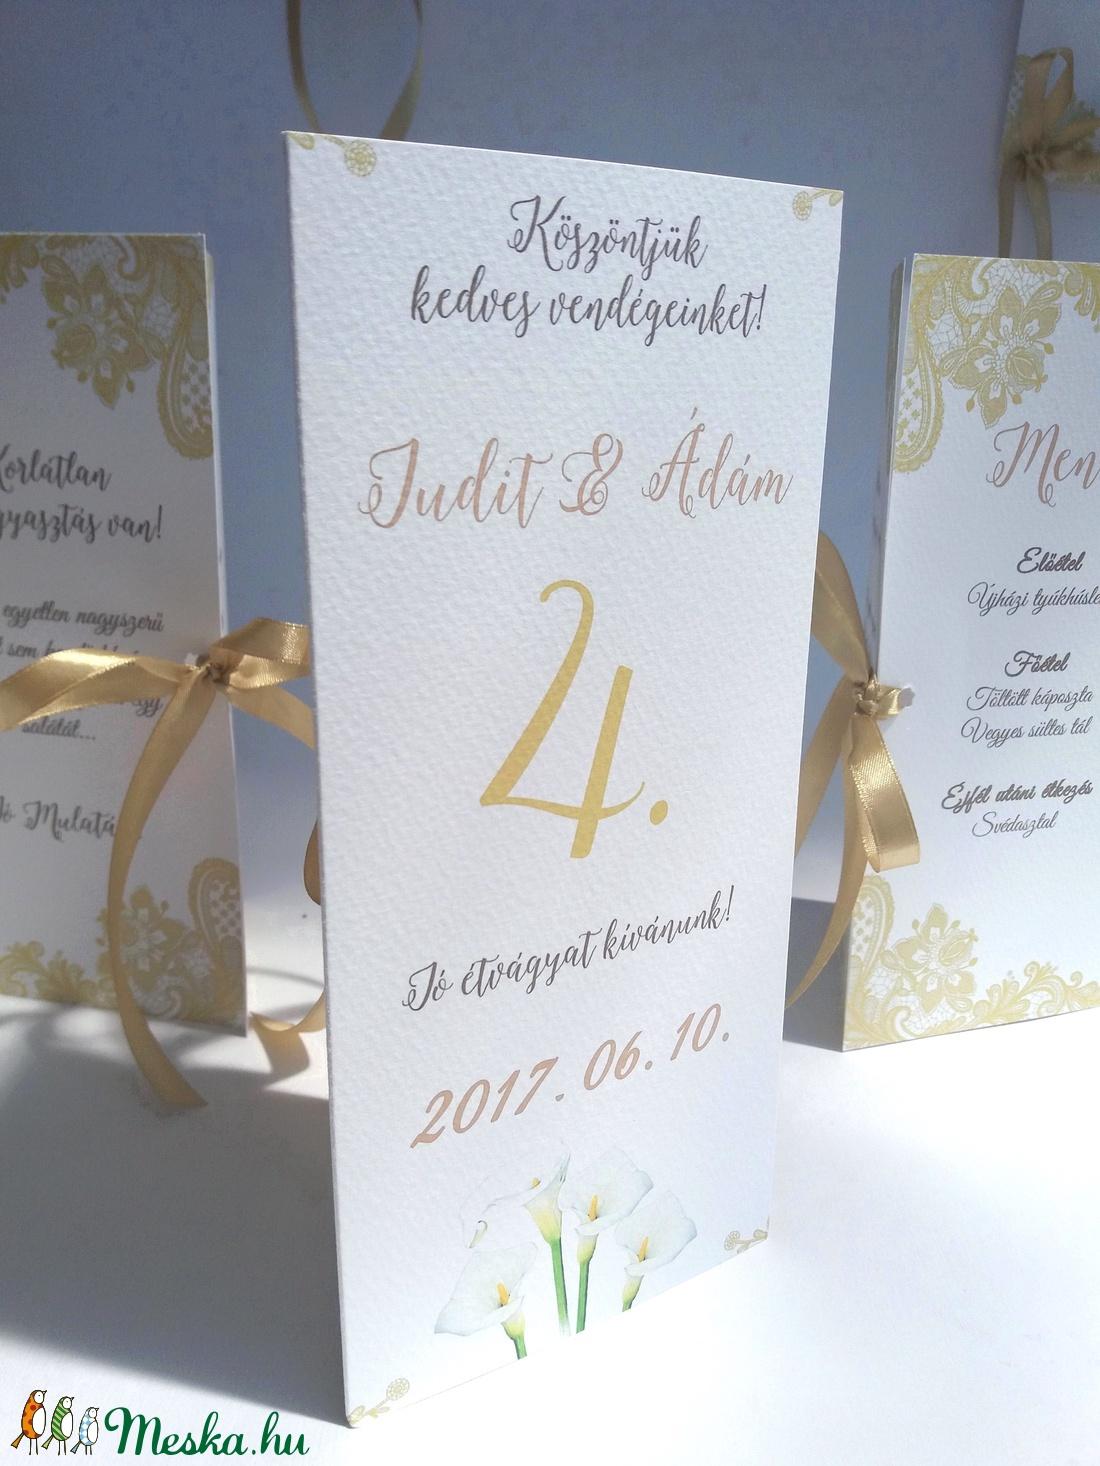 7f0e97a203 ... Esküvői Csipkés Menü, Arany, Csipke, Kála, menükártya, itallap,  vacsora, ...